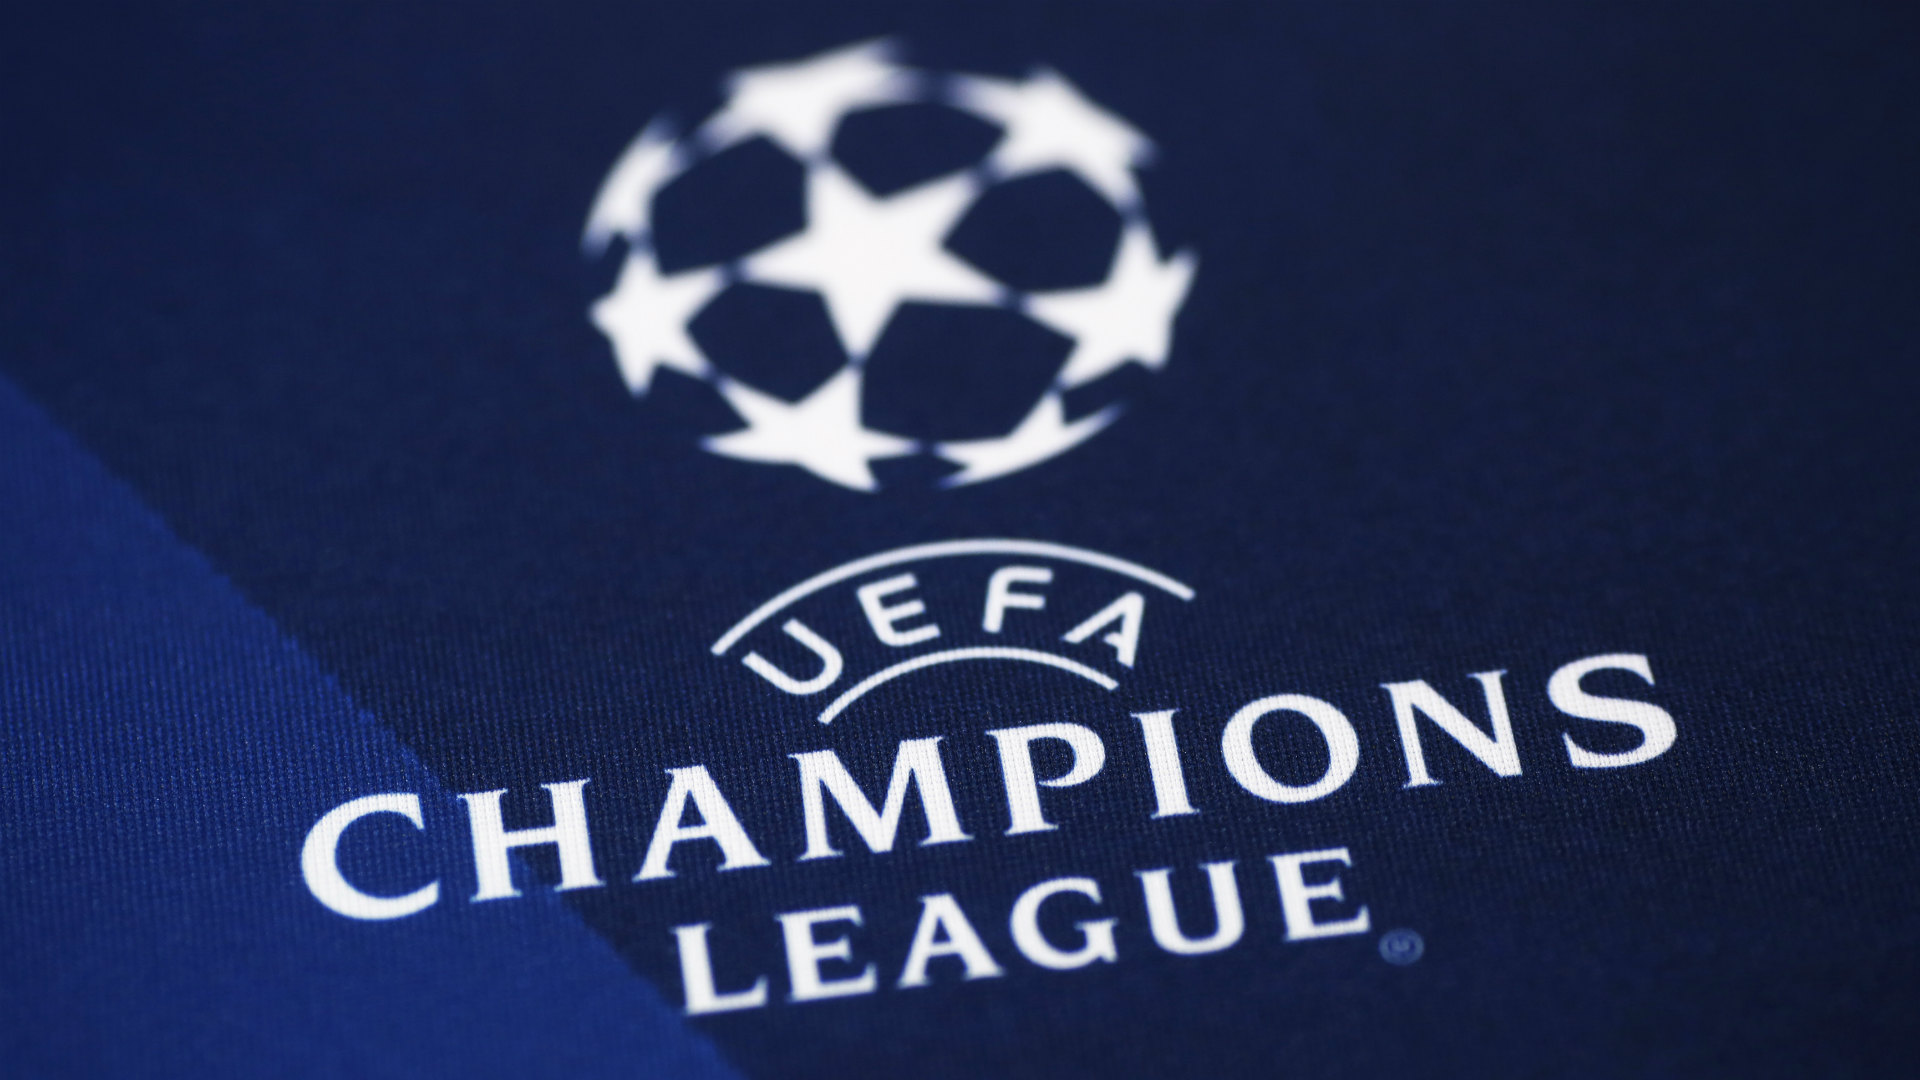 Partite Champions Calendario.Champions League In Chiaro Le Partite Trasmesse Da Mediaset